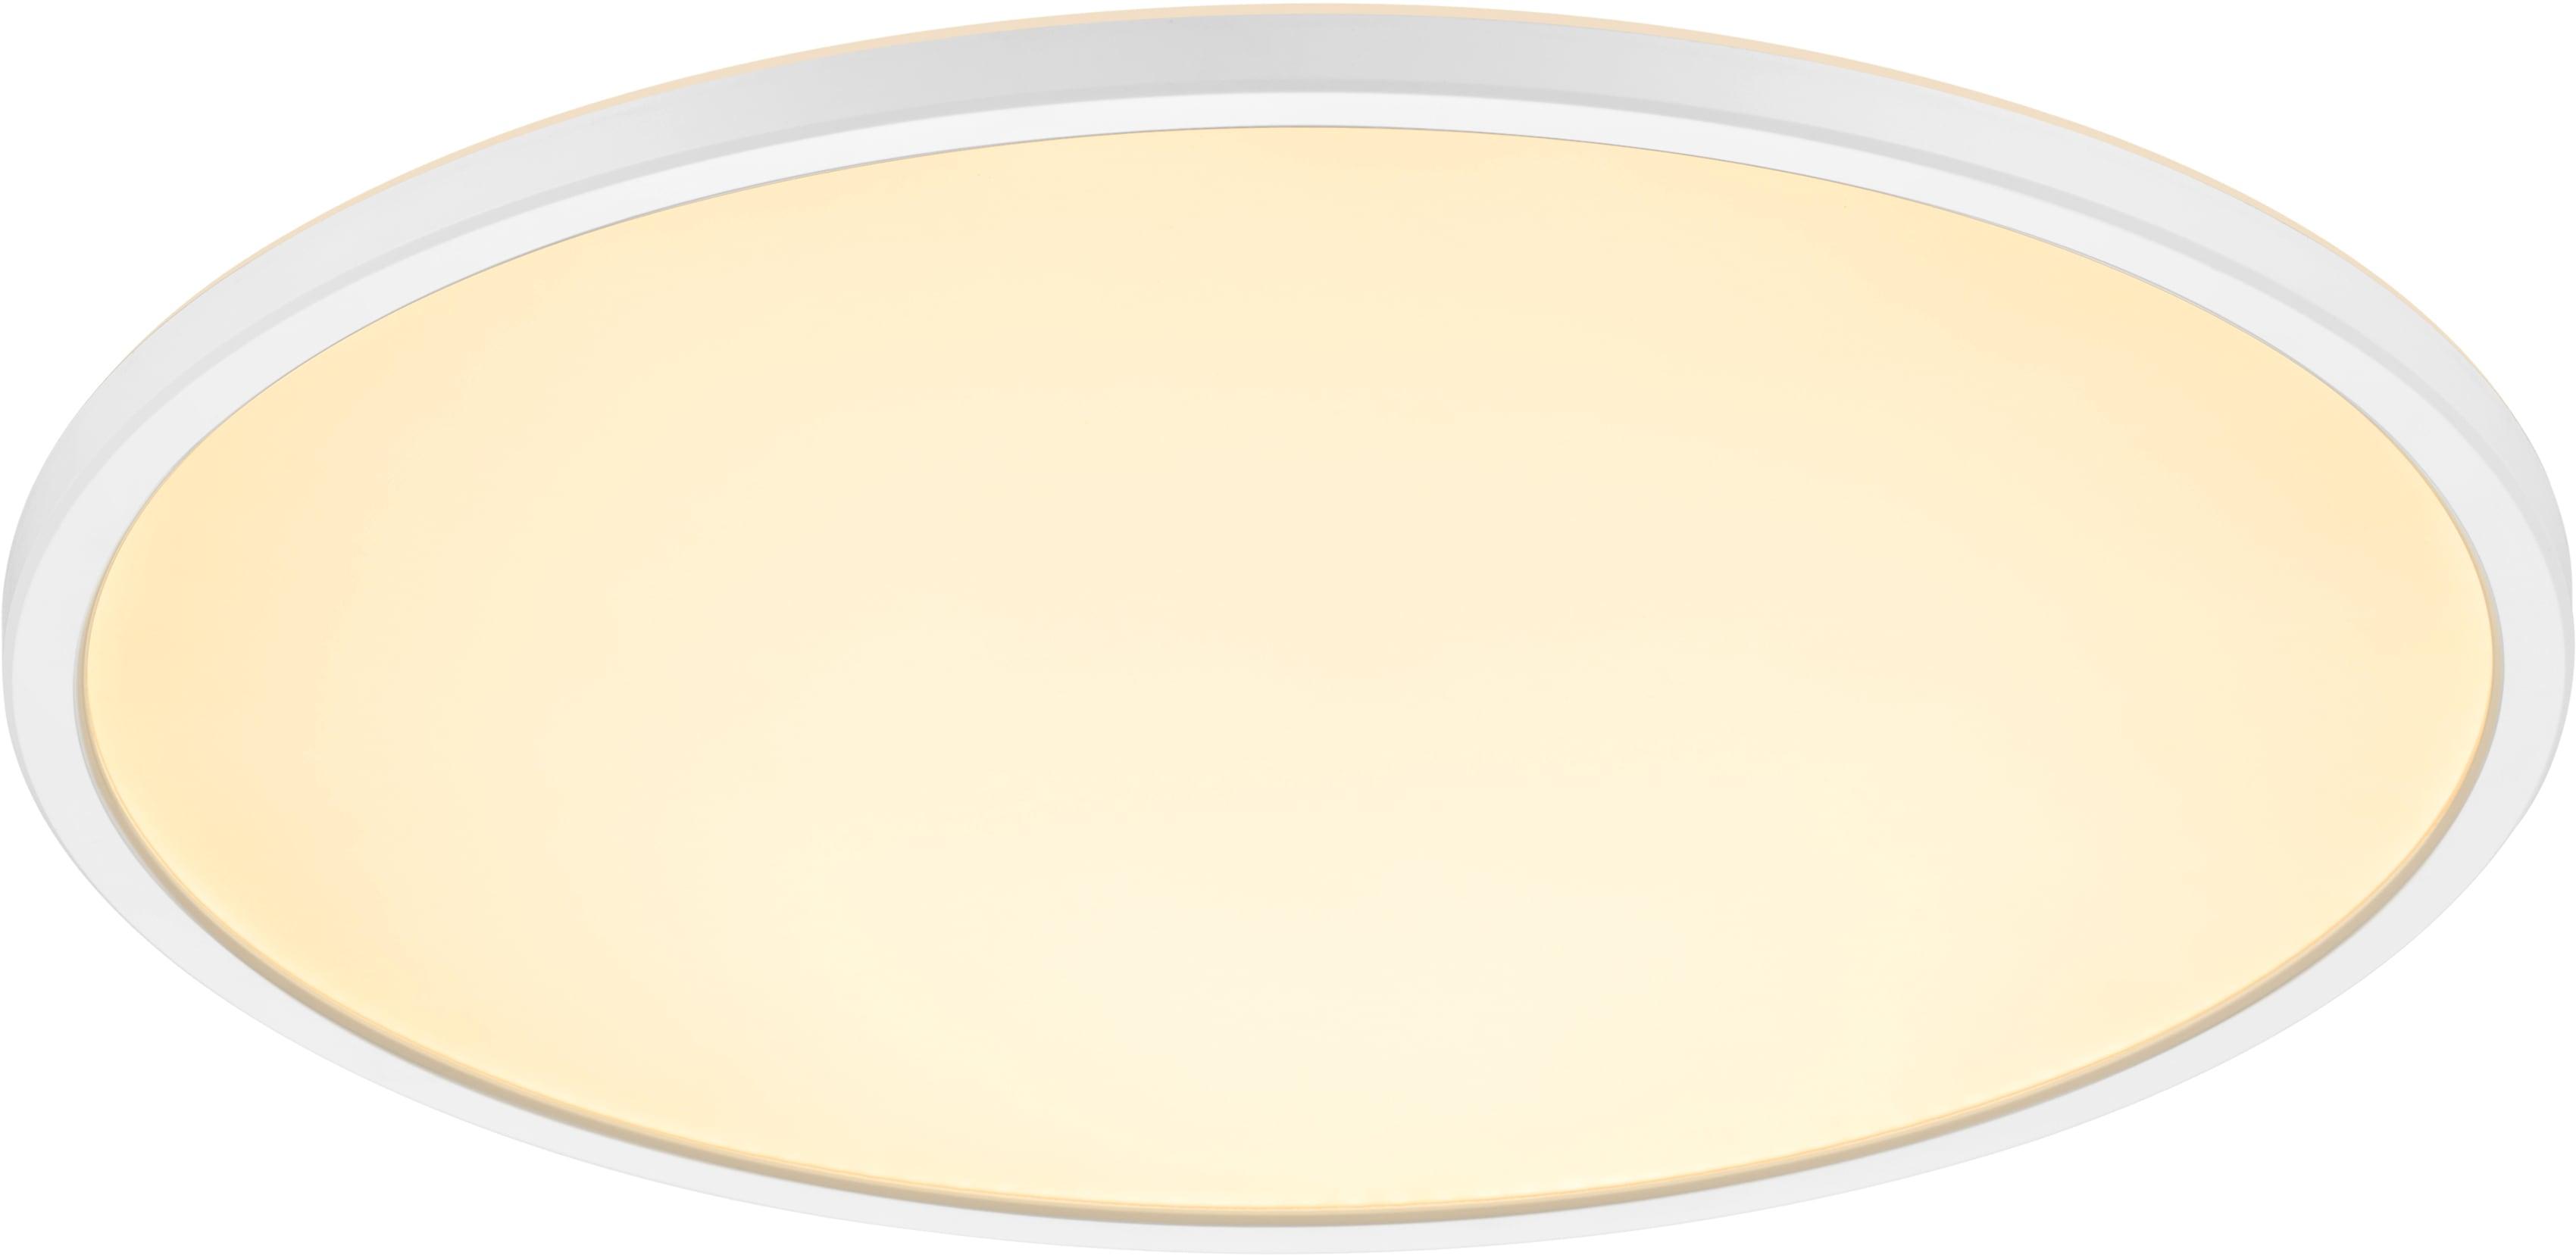 Nordlux LED Deckenleuchte OJA 242 IP20 2700K 3-STEP DÆMP HVID, LED-Board, Warmweiß, LED Deckenlampe